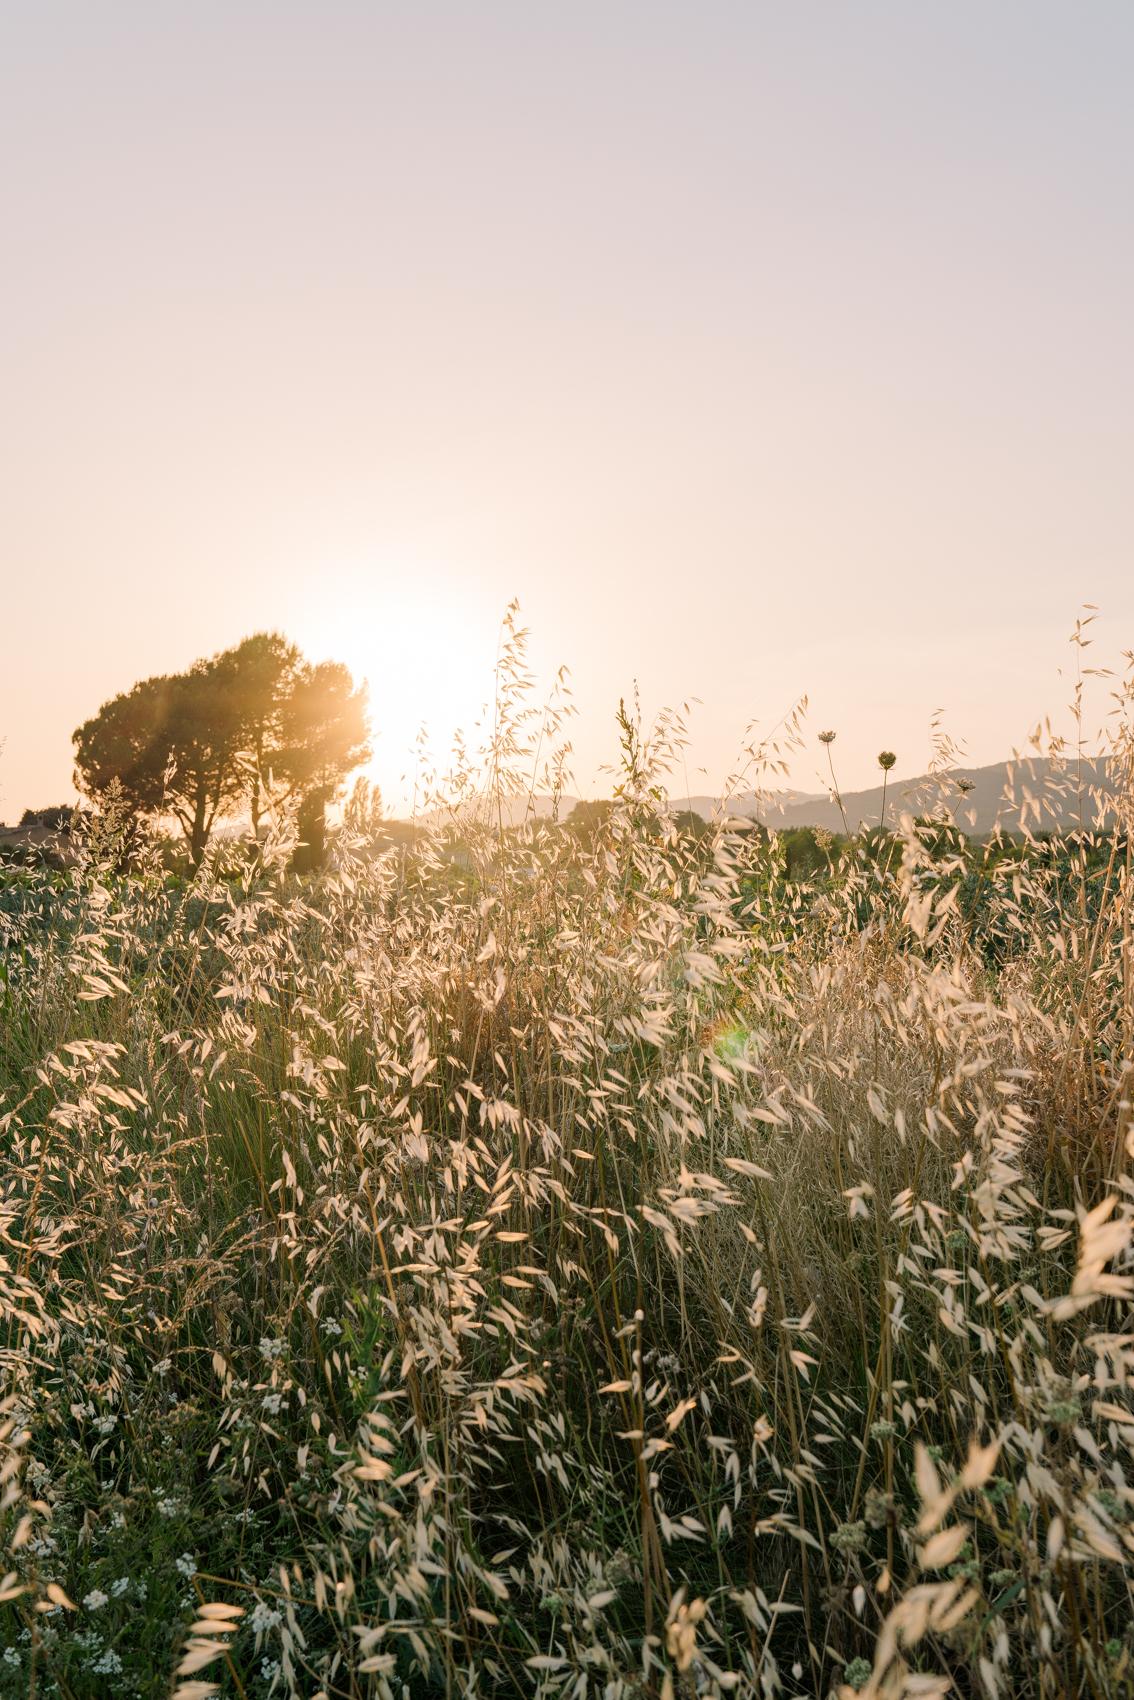 TRAVEL-Photography-provence-landscape-nature-luberon-Clara-Tuma.jpg